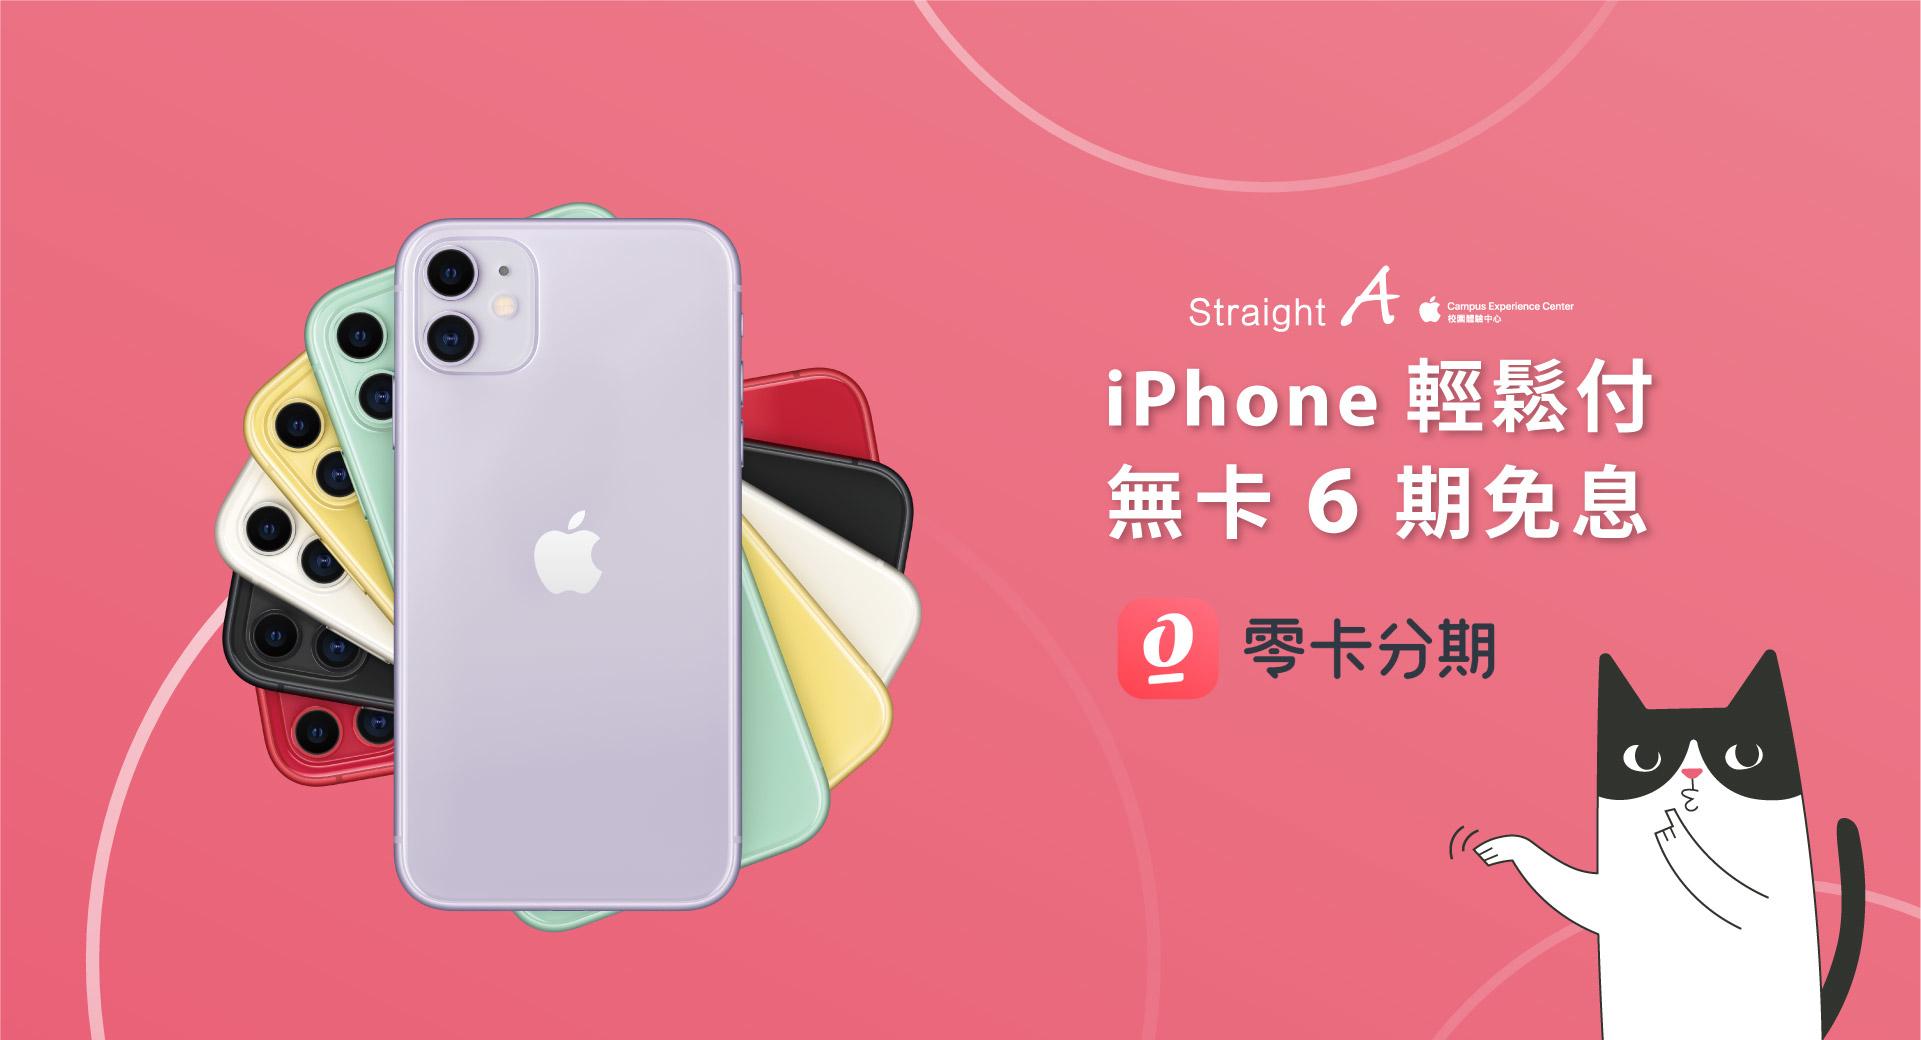 Apple, iPhone, 分期, 0卡, 免卡, 免信用卡, 0手續費, 0利率, 0頭款